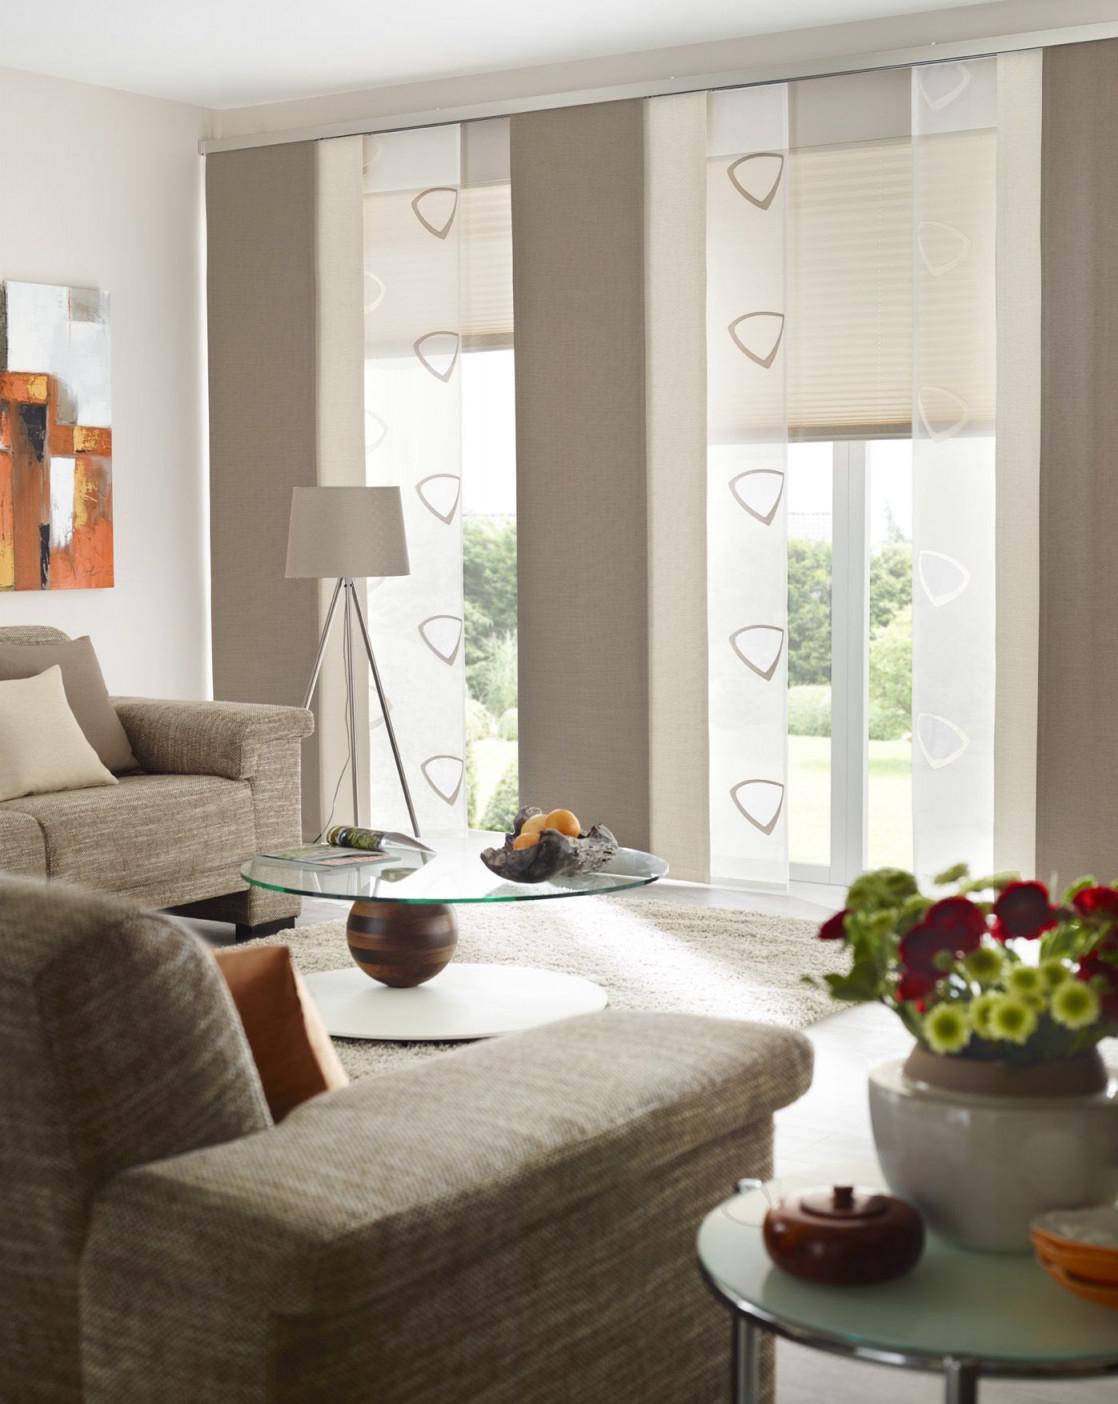 Fenster Urbansteel Gardinen Dekostoffe Vorhang von Wohnzimmer Fenster Gardinen Bild